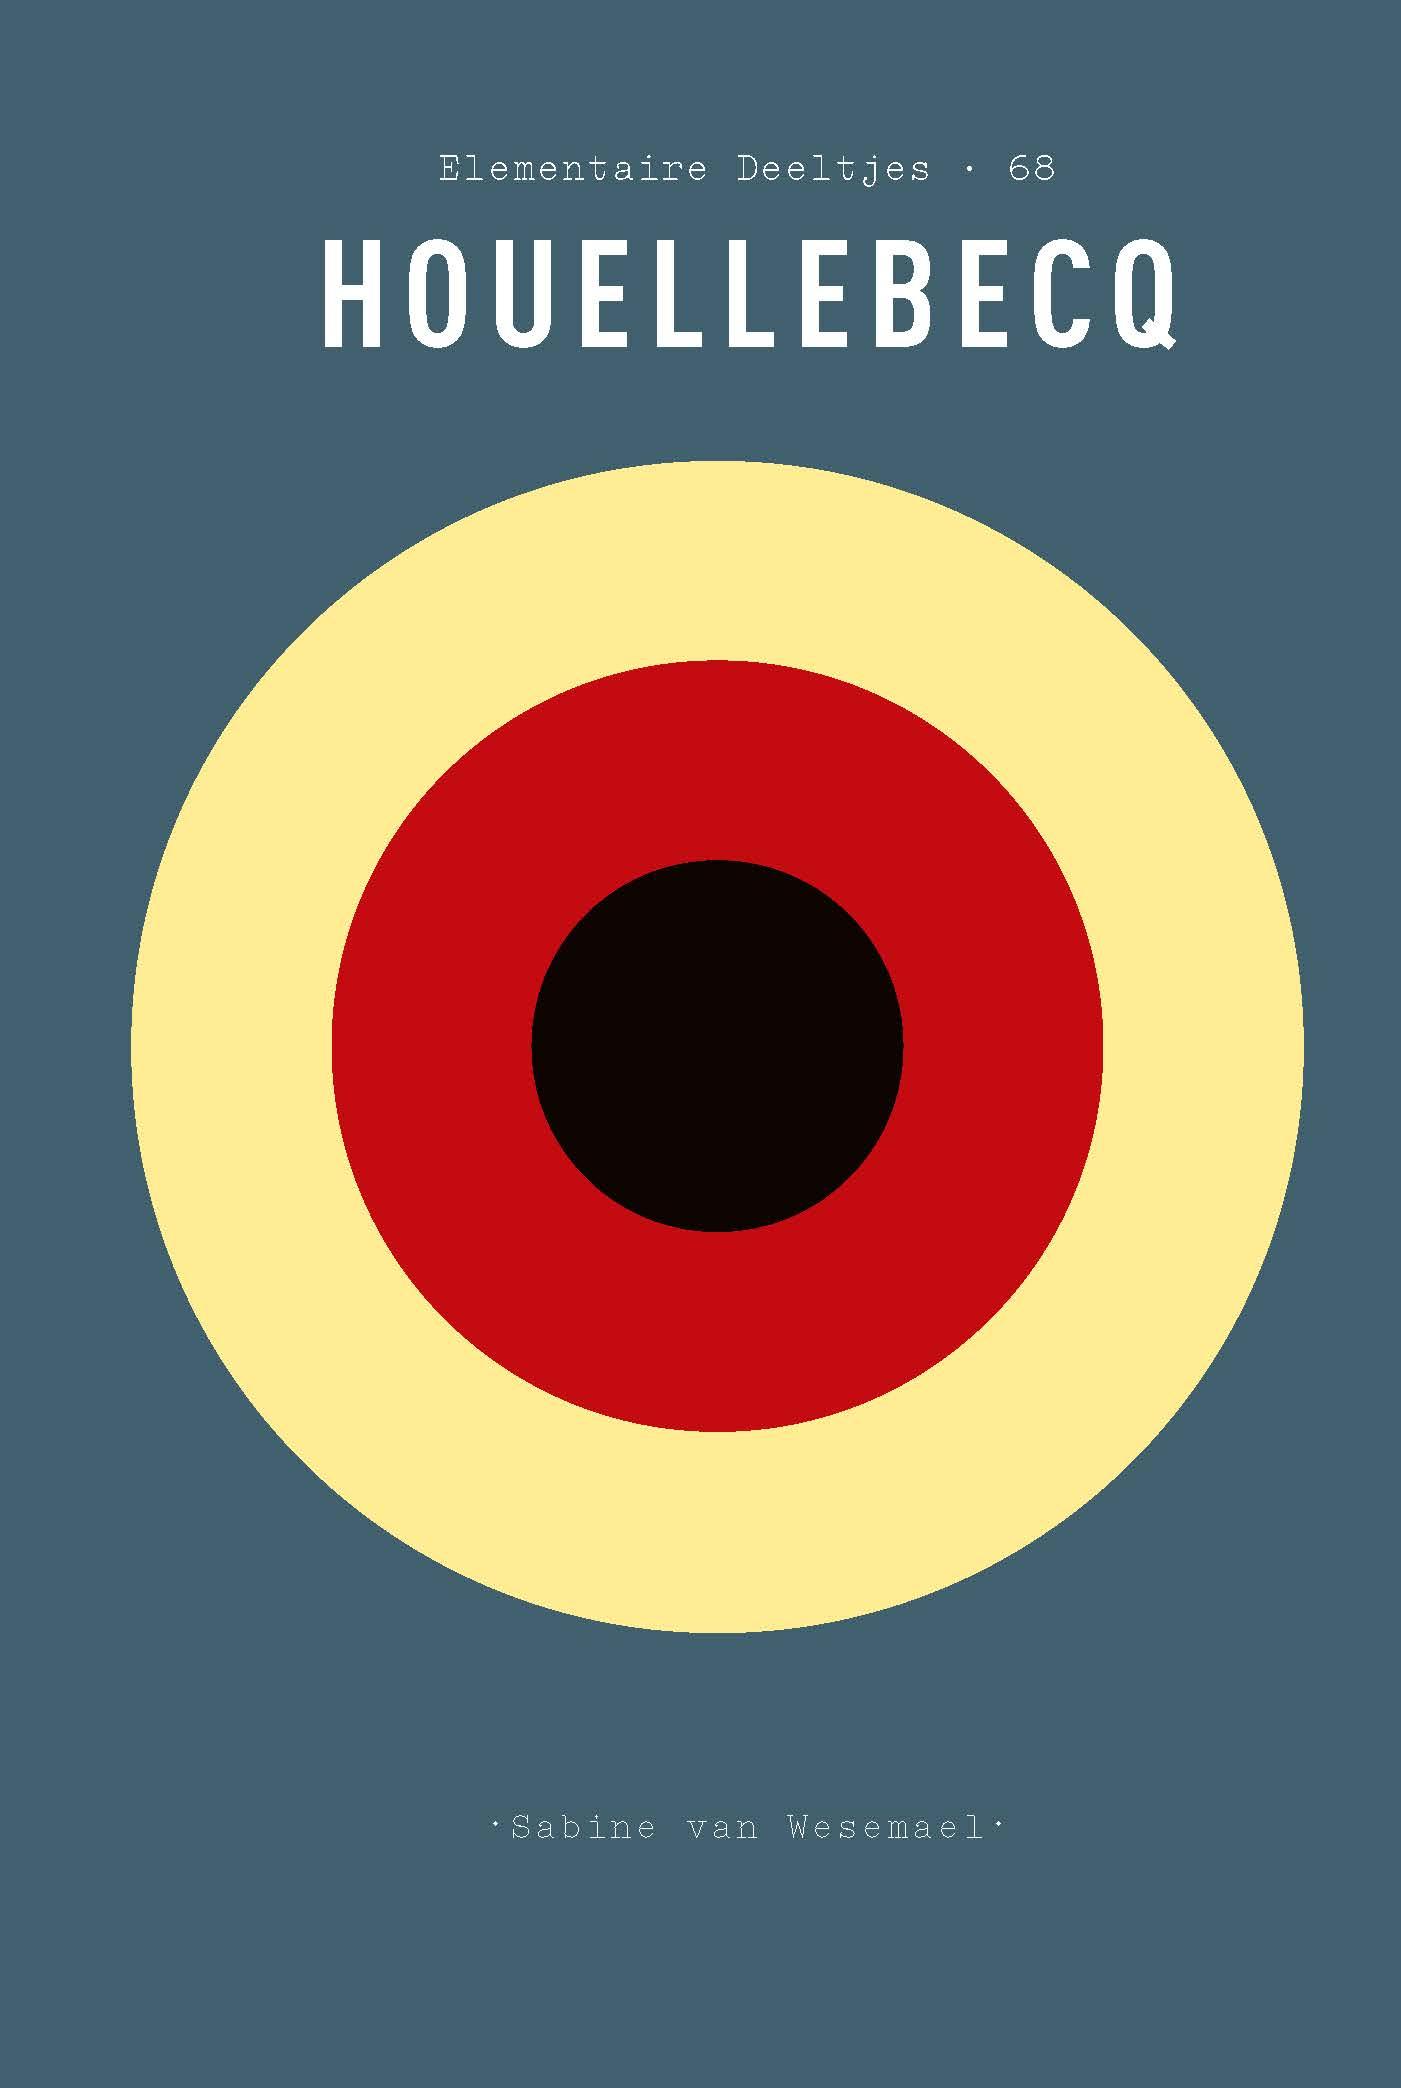 Elementaire deeltjes 68 – Houellebecq - boekenflits.nl